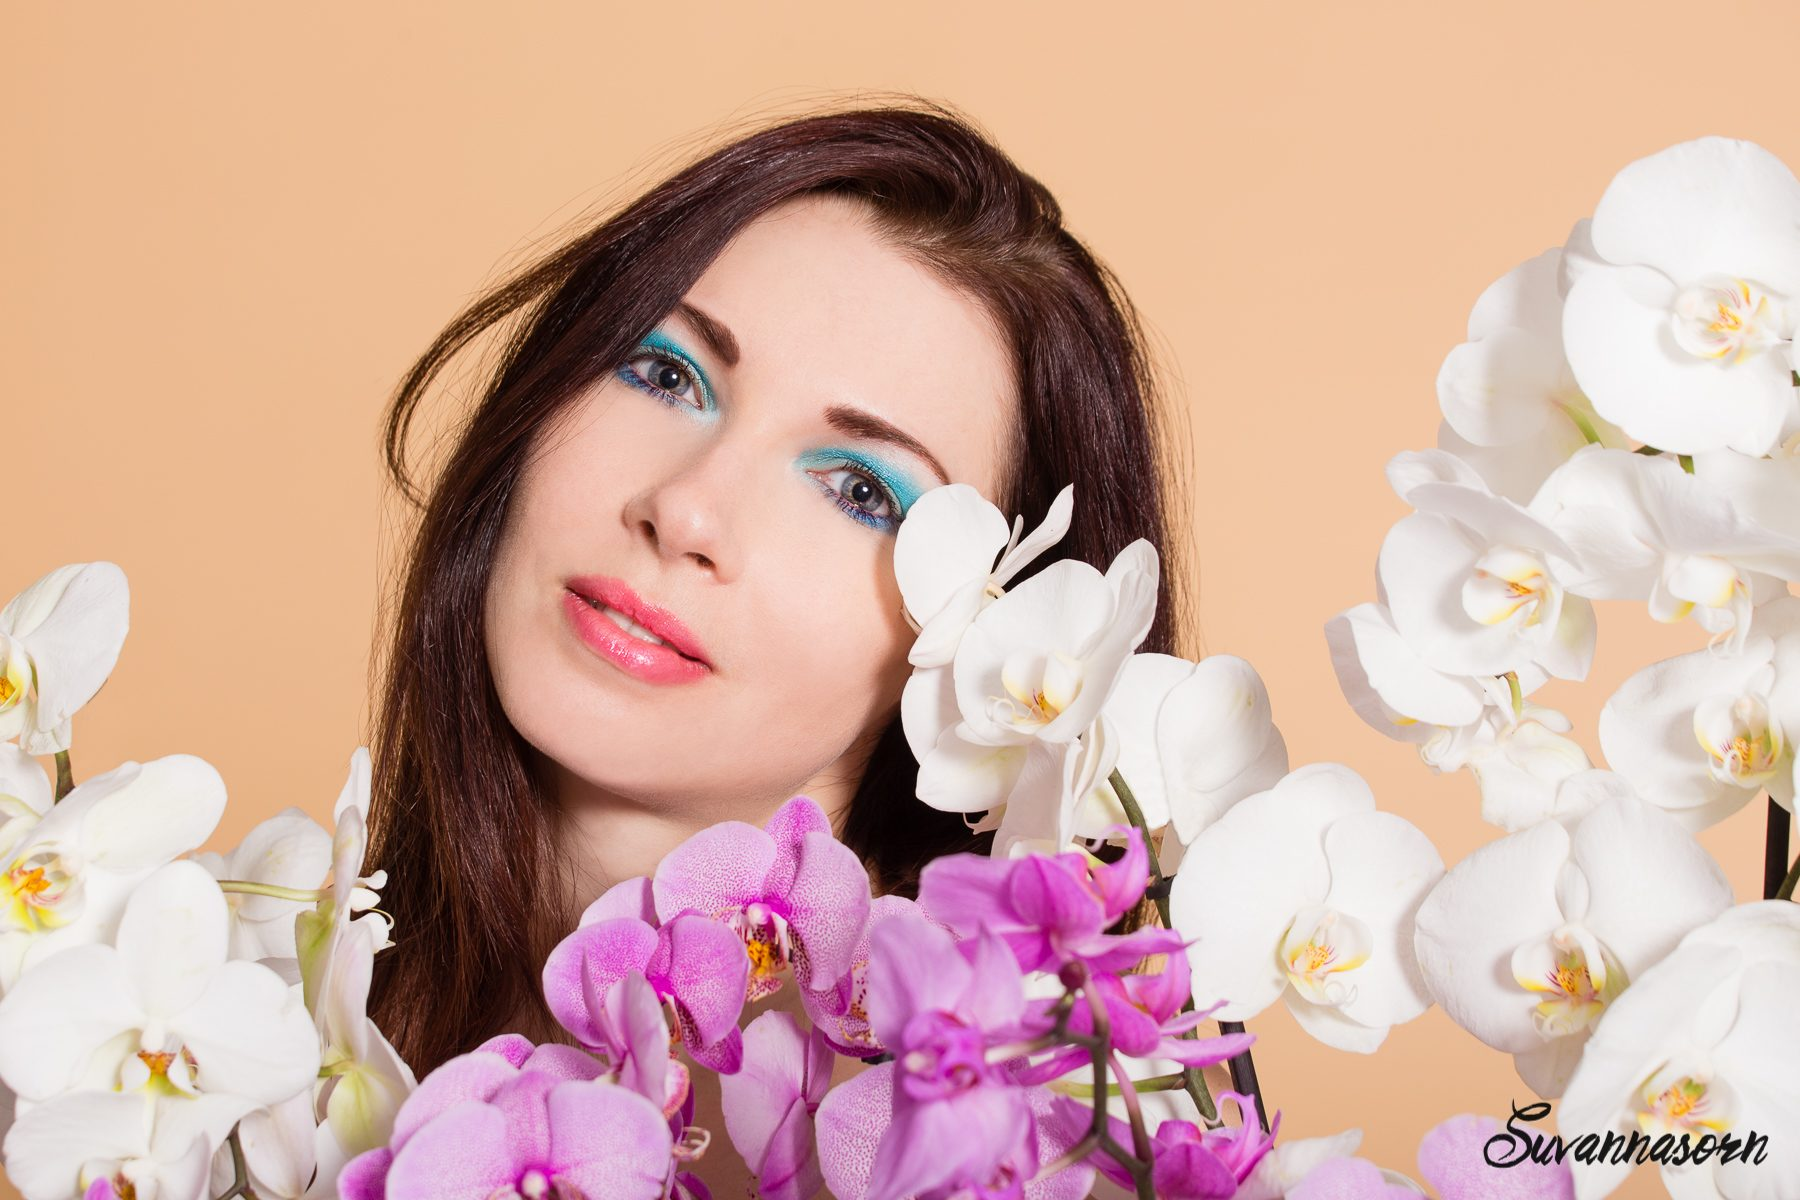 suvannasorn photographe beauté femme modèle genève suisse maquillage maquilleuse coiffeuse bleu orchidée